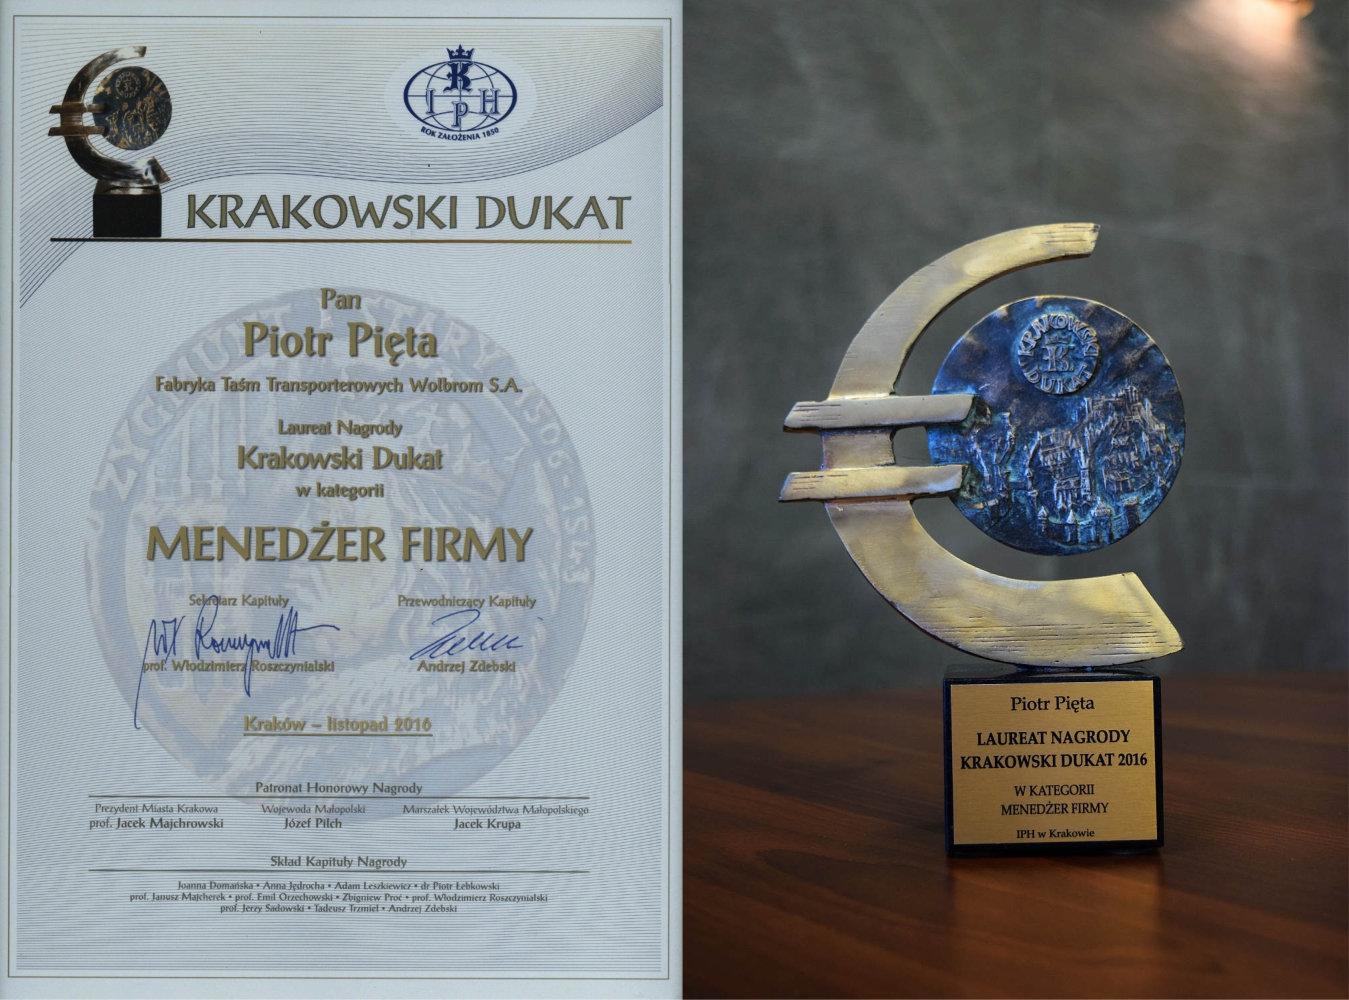 Krakowski Dukat 2016 dla Prezesa FTT Wolbrom – Piotra Pięty